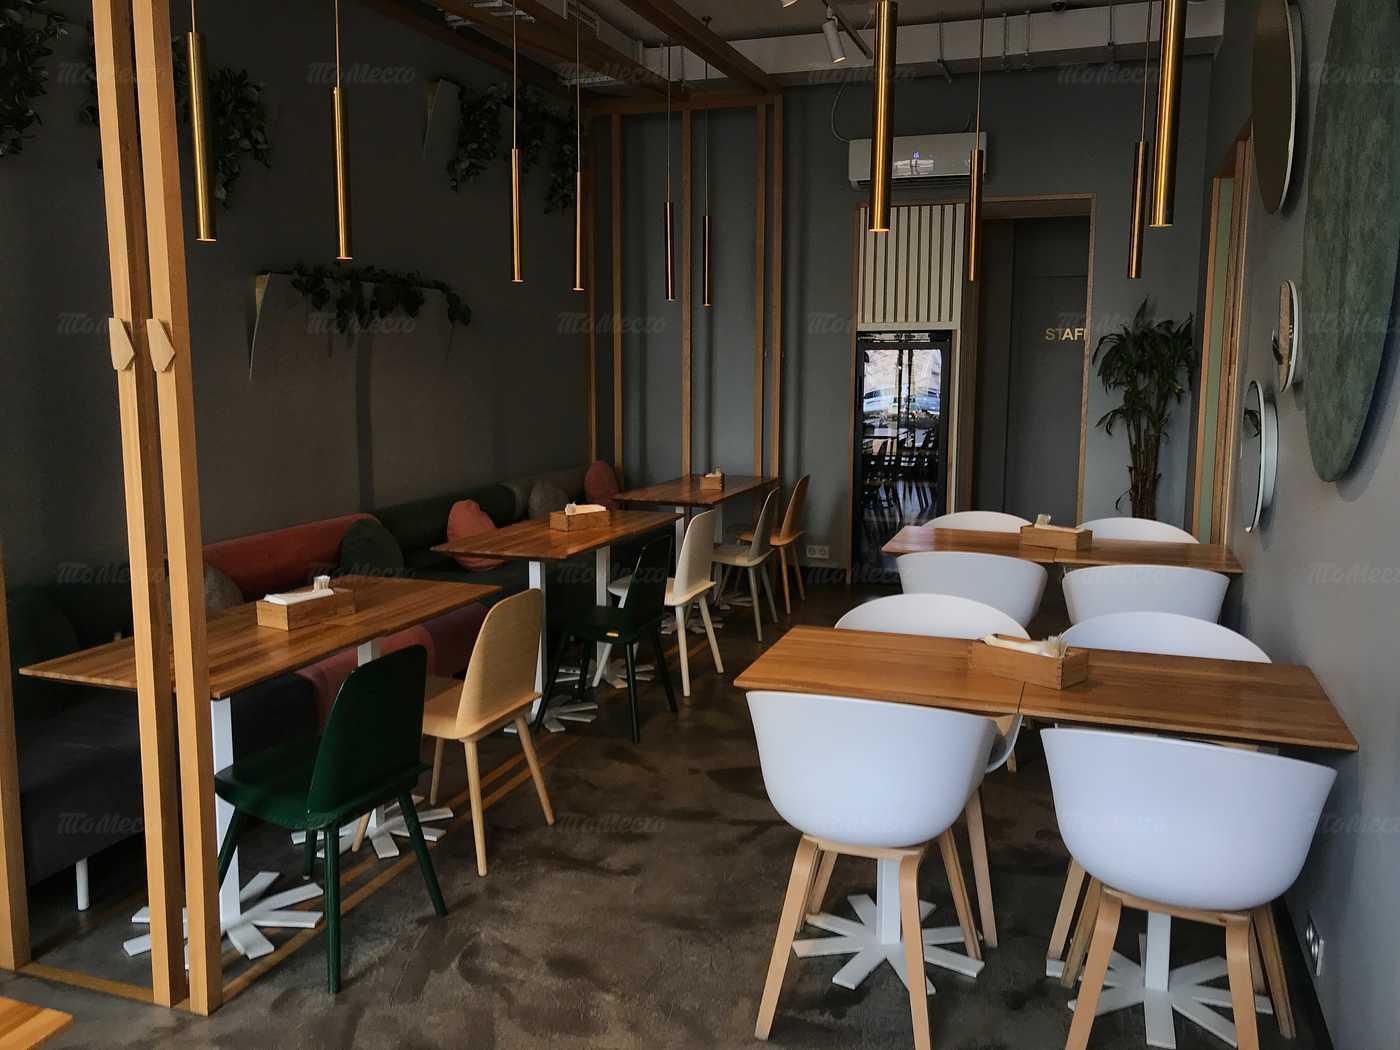 Кафе Californication на улице Жуковского фото 6